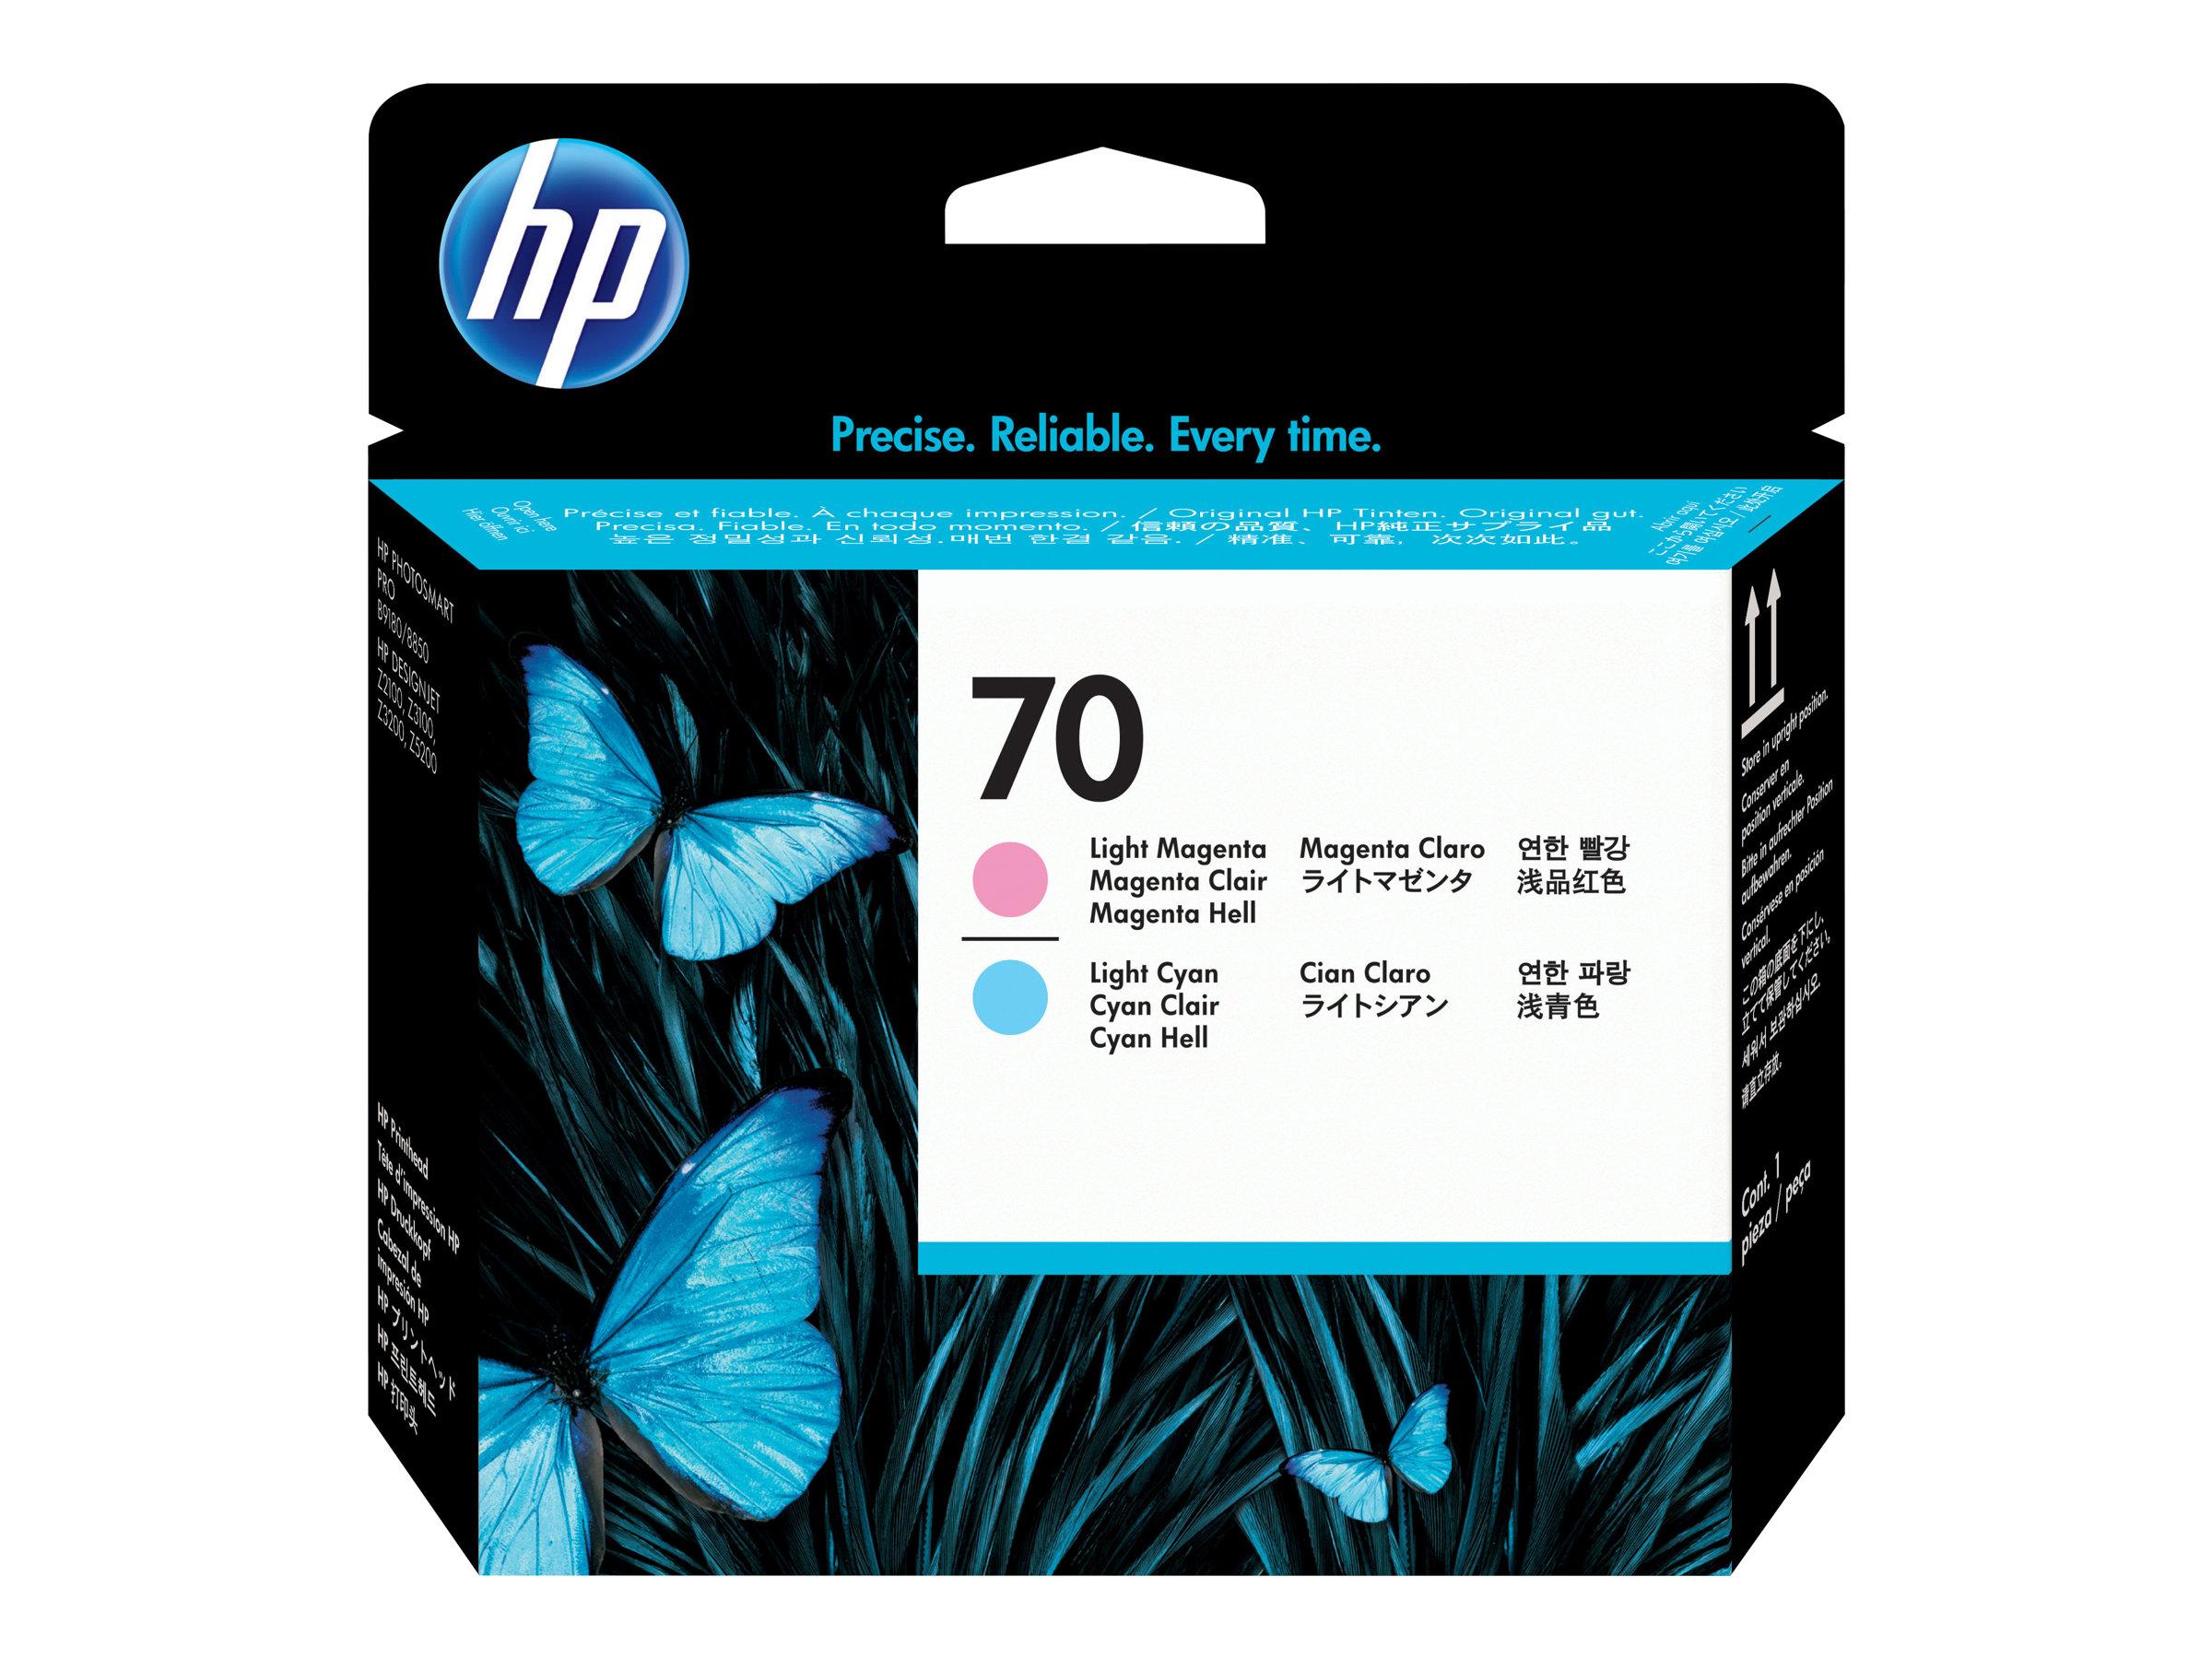 HP 70 - magenta clair, cyan clair - tête d'impression